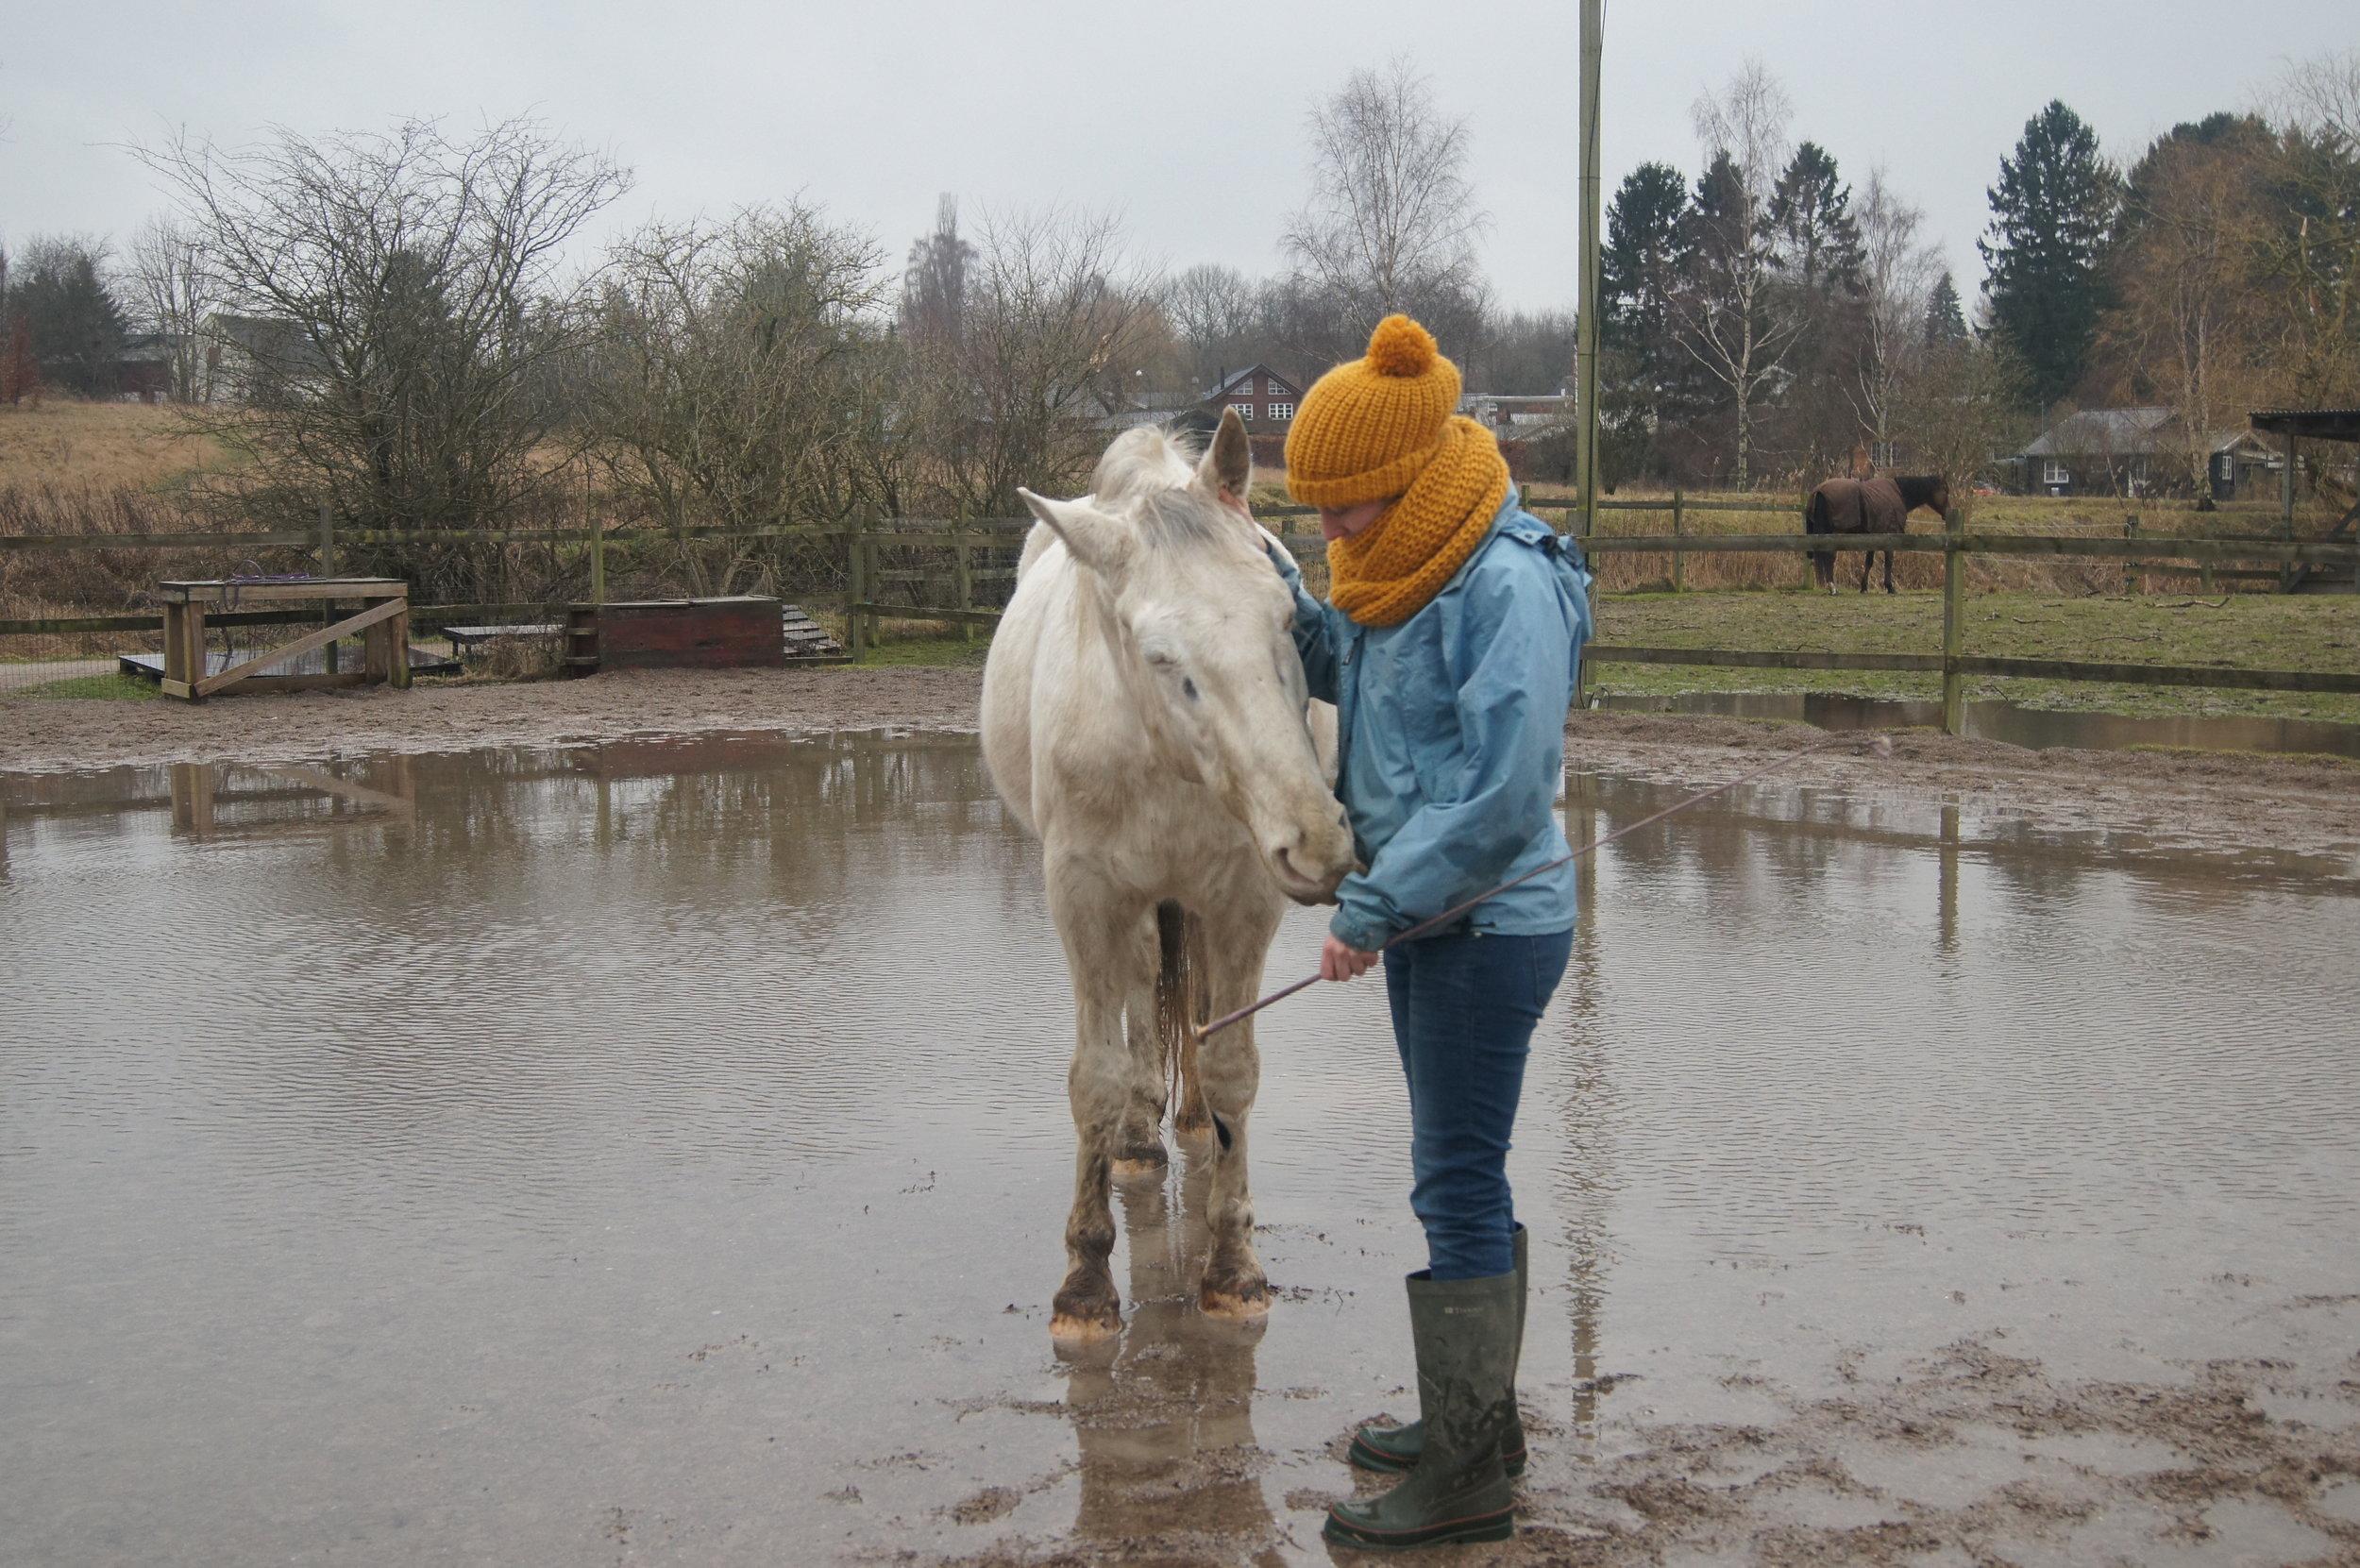 Vigtige pointer - Gå LANGSOMT fremHvis hesten reagerer voldsomt, var trinnet for stort - del det op i mindre bidderHvis du fjerner påvirkningen før hesten er rolig vil den ikke have fået det rigtige udbytte af trinnet (fx at være tryg ved underlaget)Fasthold ikke en for svær påvirkning, det kan øge hestens følsomhed overfor påvirkningen